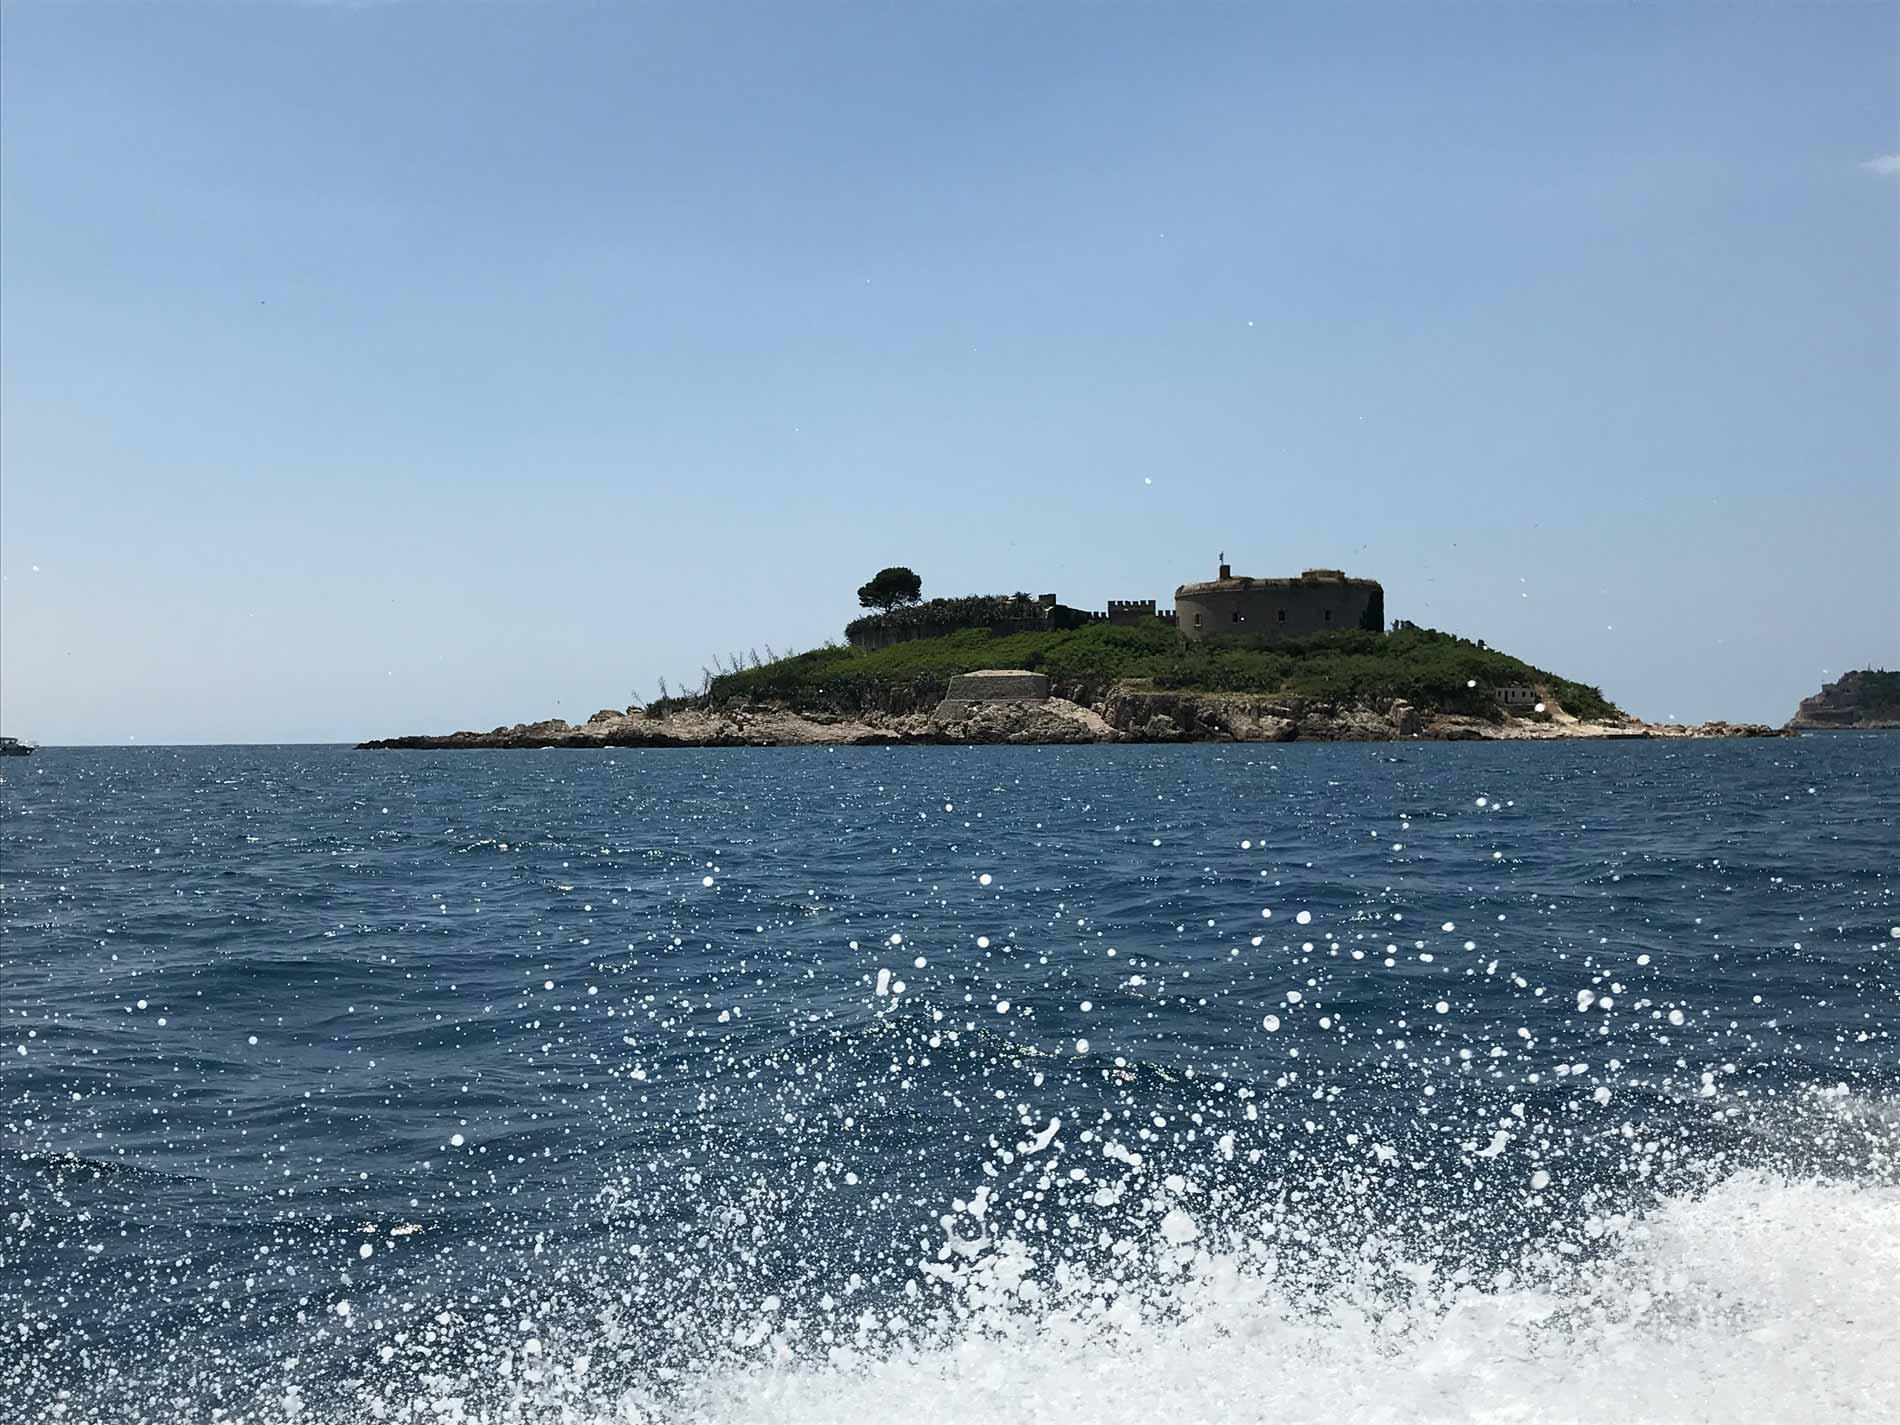 Mar-Adriatico-Bocche-di-Cattaro-Montenegro-isola-Mamula-forte-militare